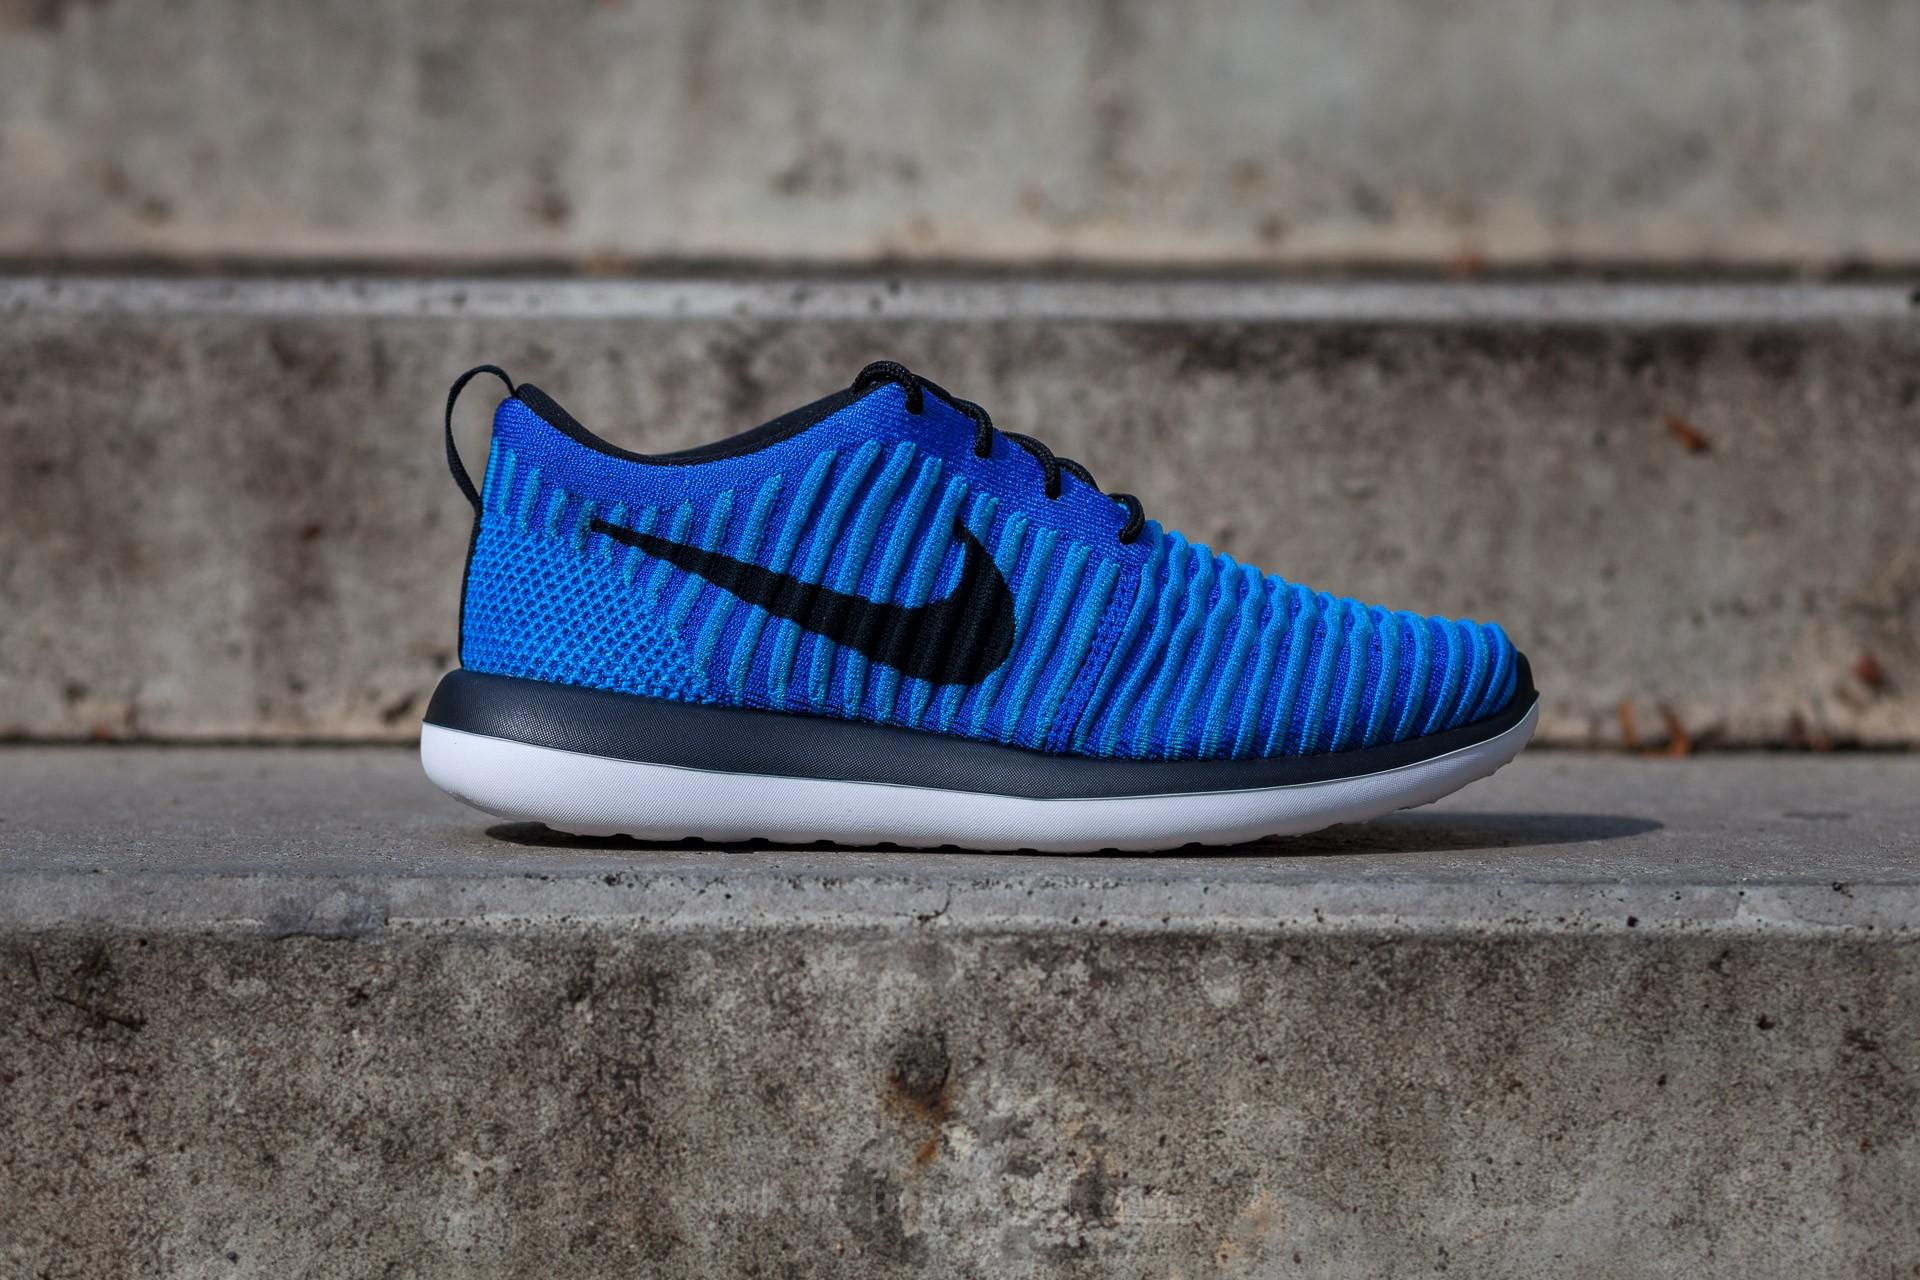 Nike Roshe FlyKnit Blue Lagoon